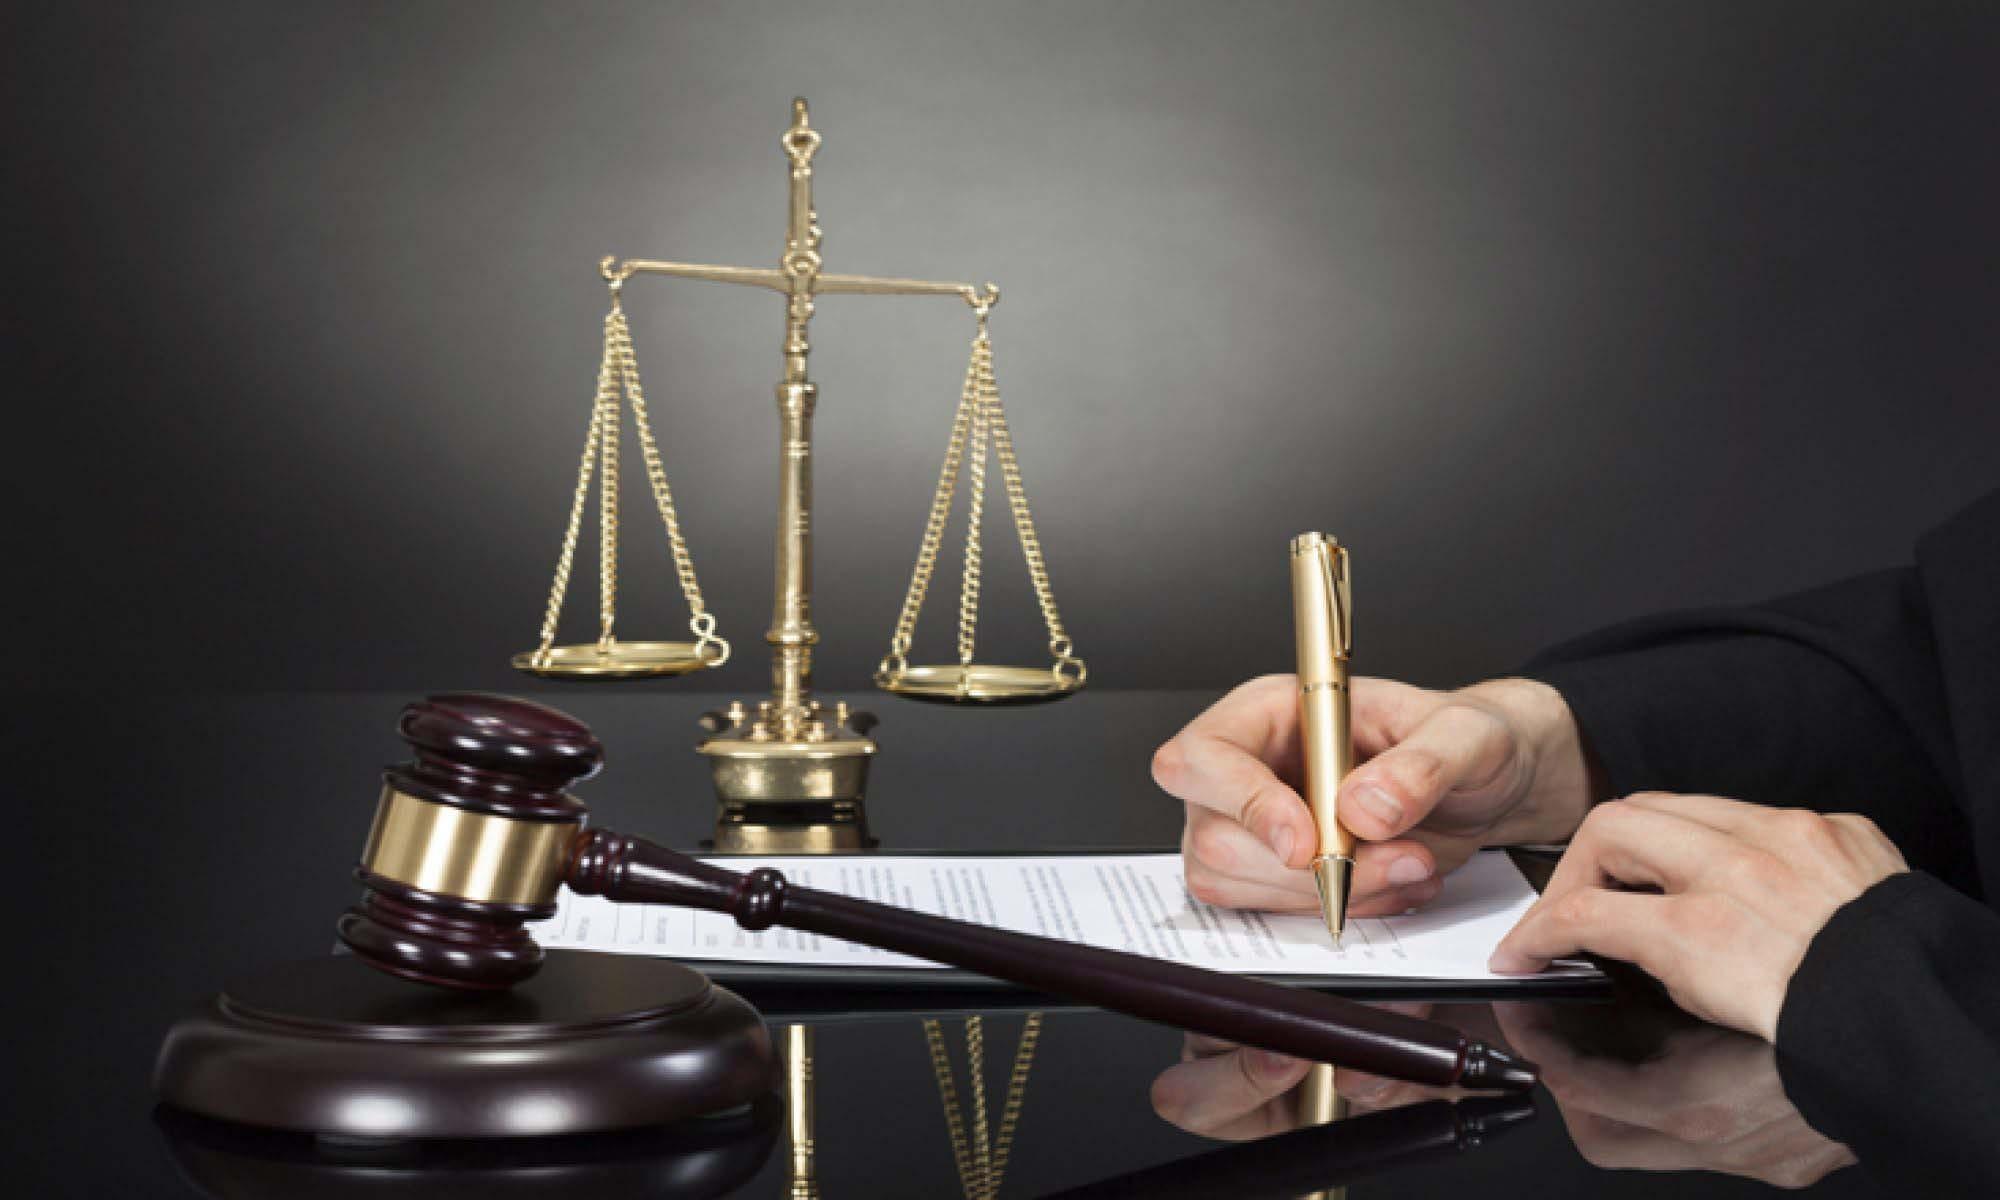 مدارکی که برای اثبات حق خود در اختیار دارید، را در متن لایحه ی دفاعیه افترا ذکر کنید